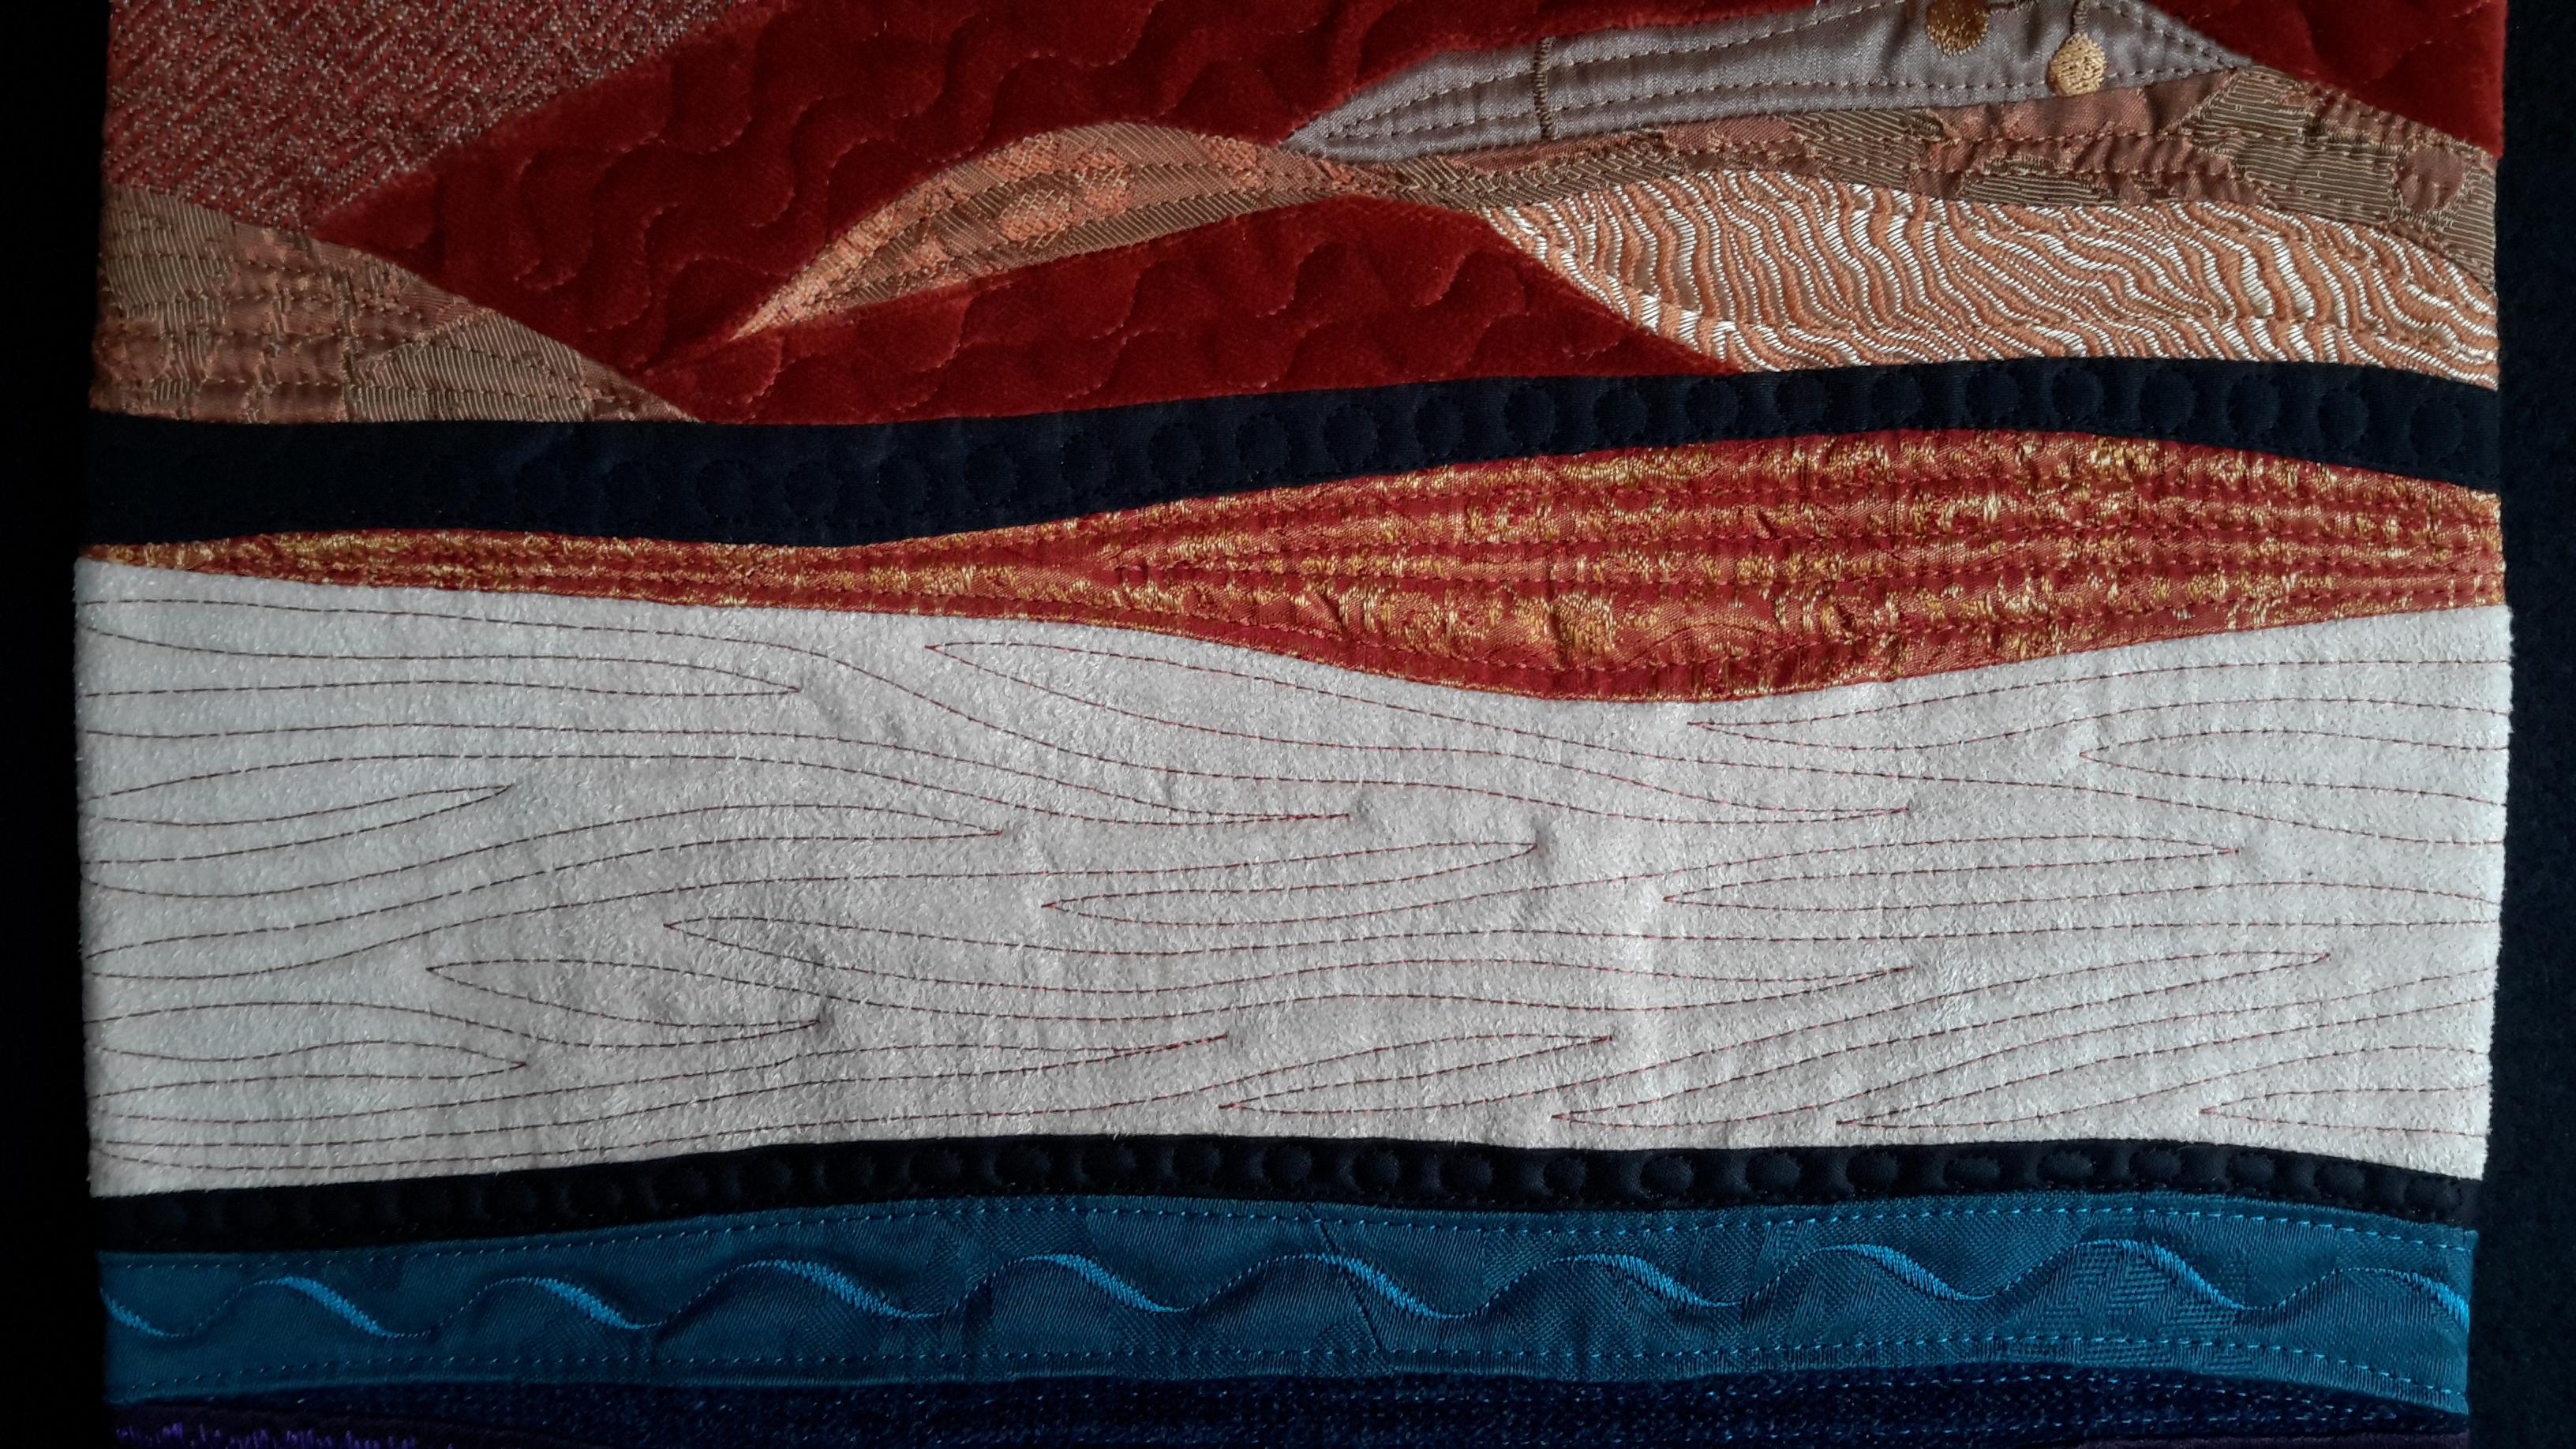 Terra I Close-up